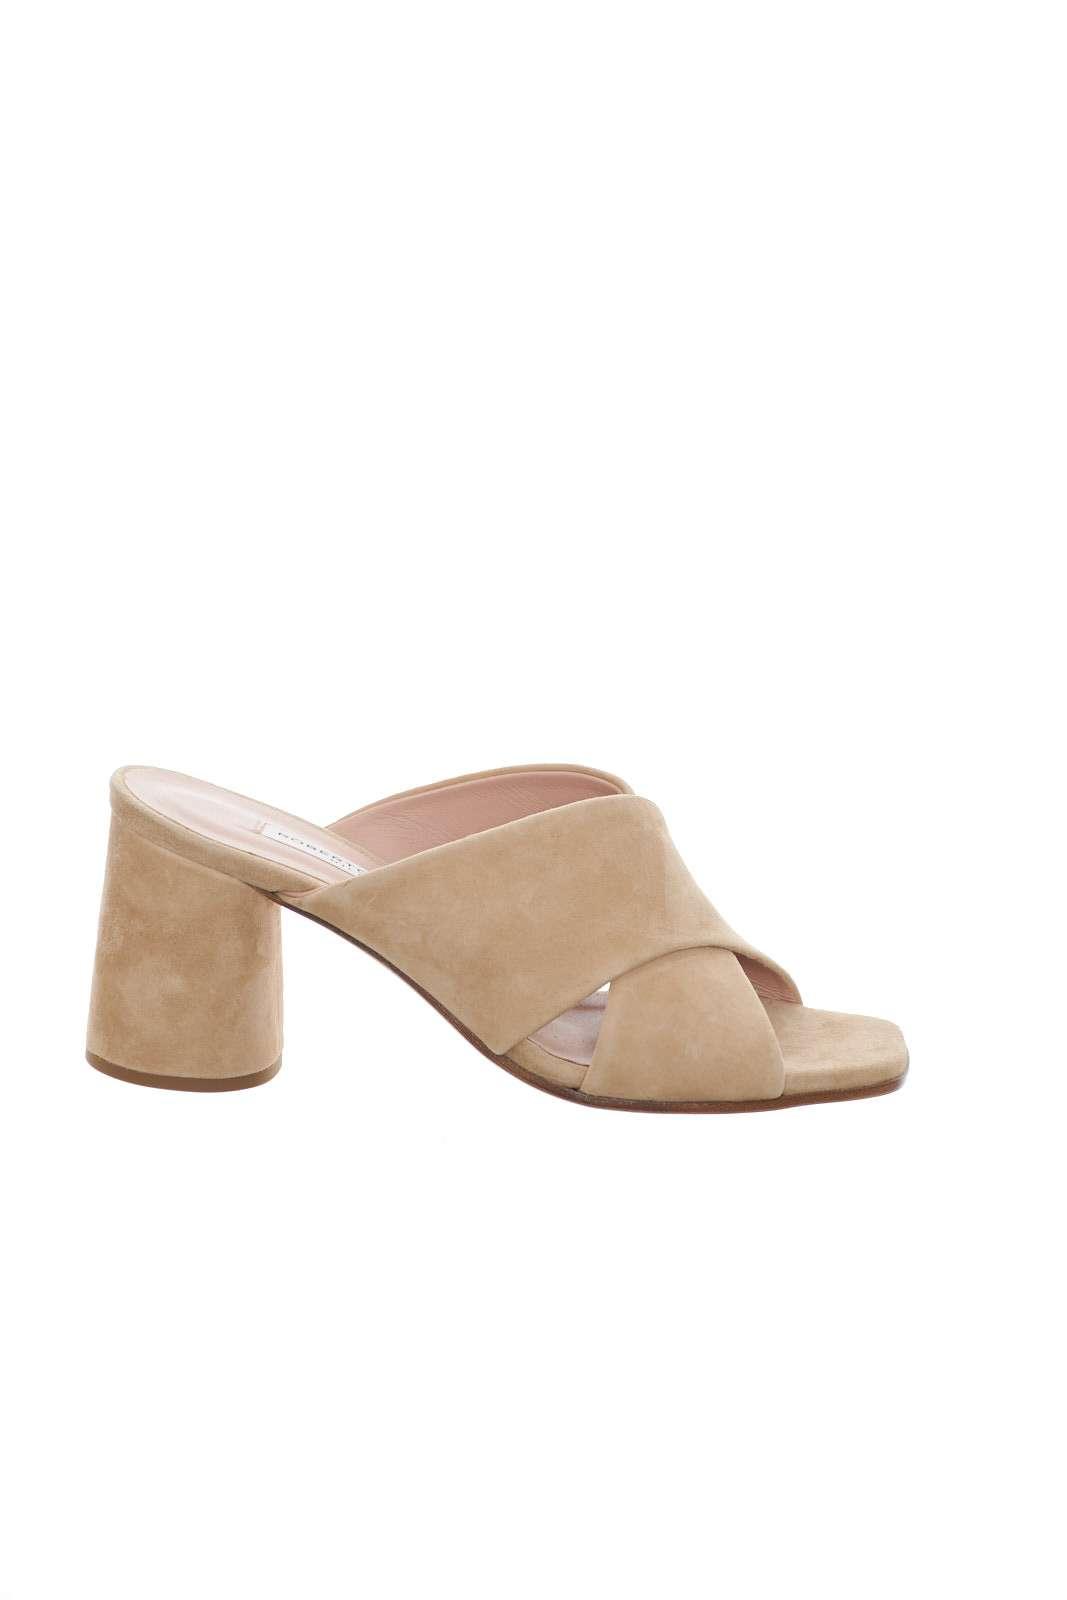 Un sandalo classico e formale, il modello PAPER della collezione Roberto Festa. Ideale per outfit estivi curati e impeccabili. Da indossare con abiti o gonne, per risultati sempre fashion.